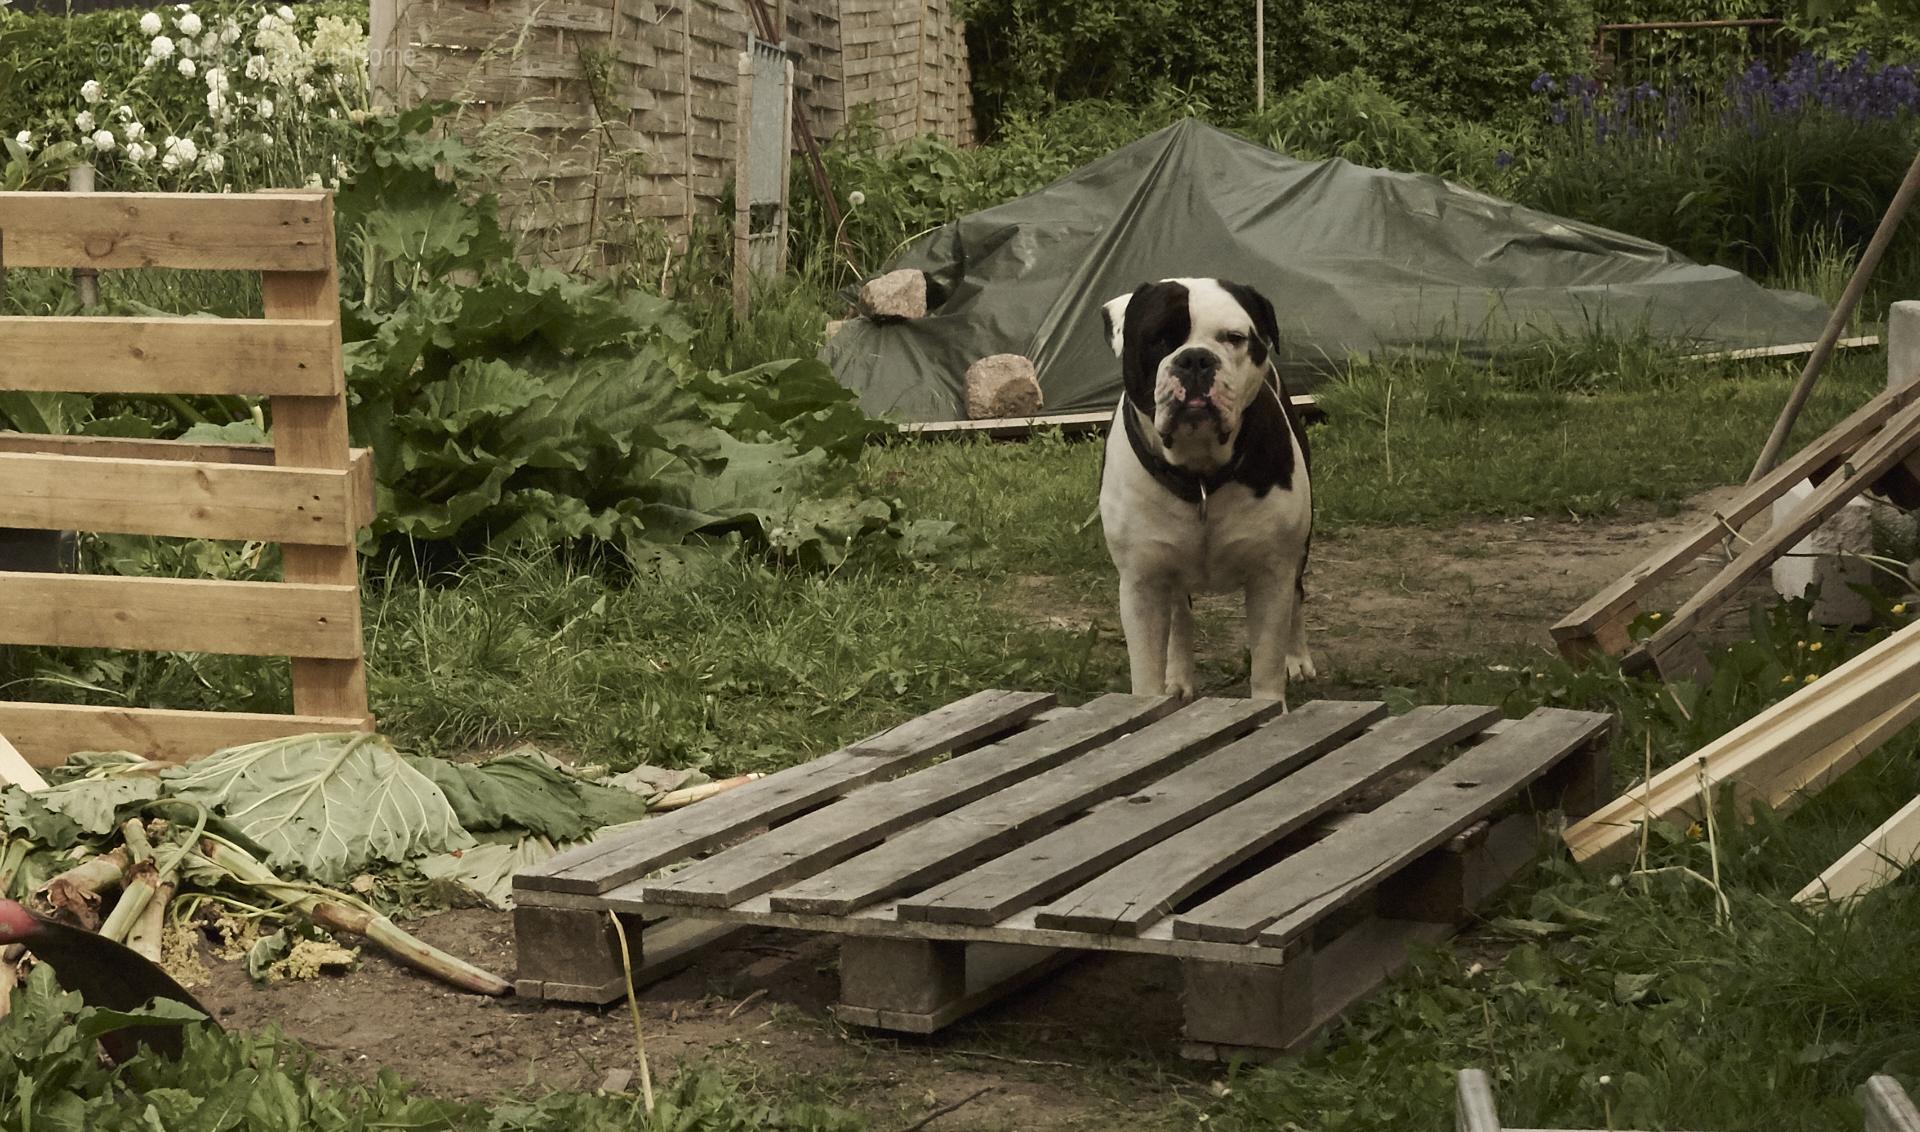 Komposter bauen geht natürlich nur wenn mann ne helfende hand ner bulldogge hat..:)